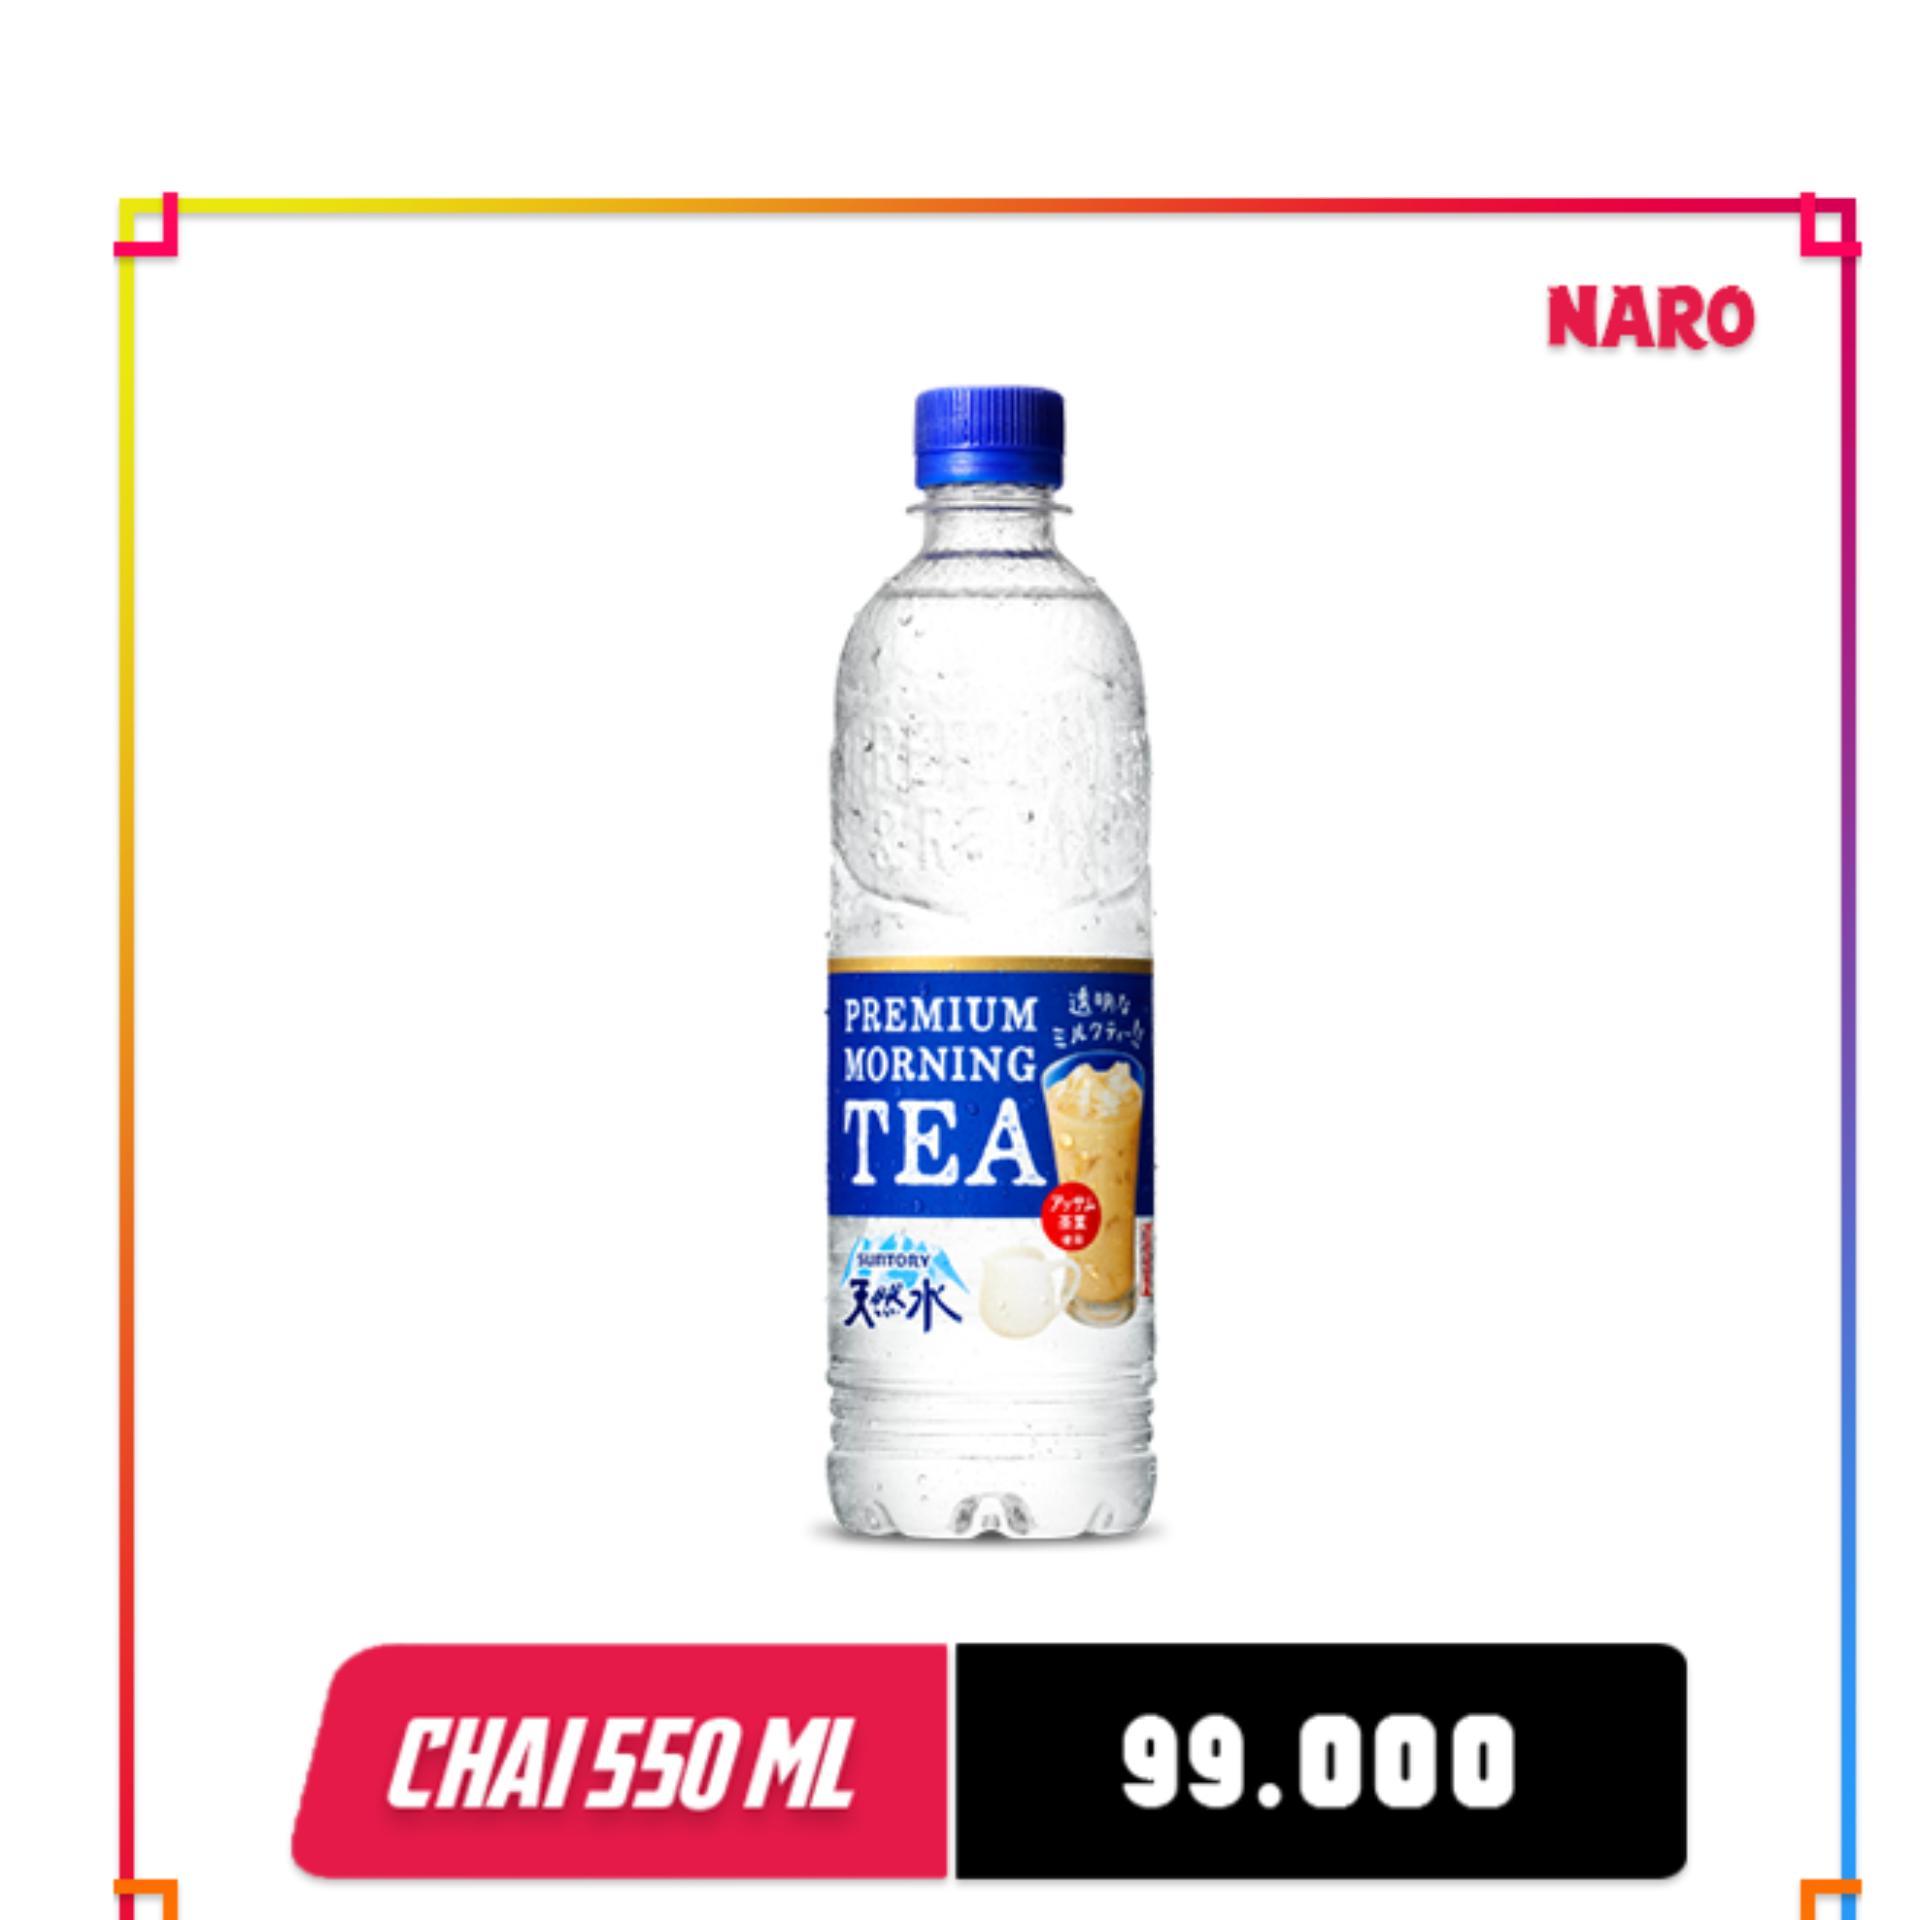 Nước lọc vị trà sữa Premium Morning Tea Suntory Nhật Bản – Chai 550ml